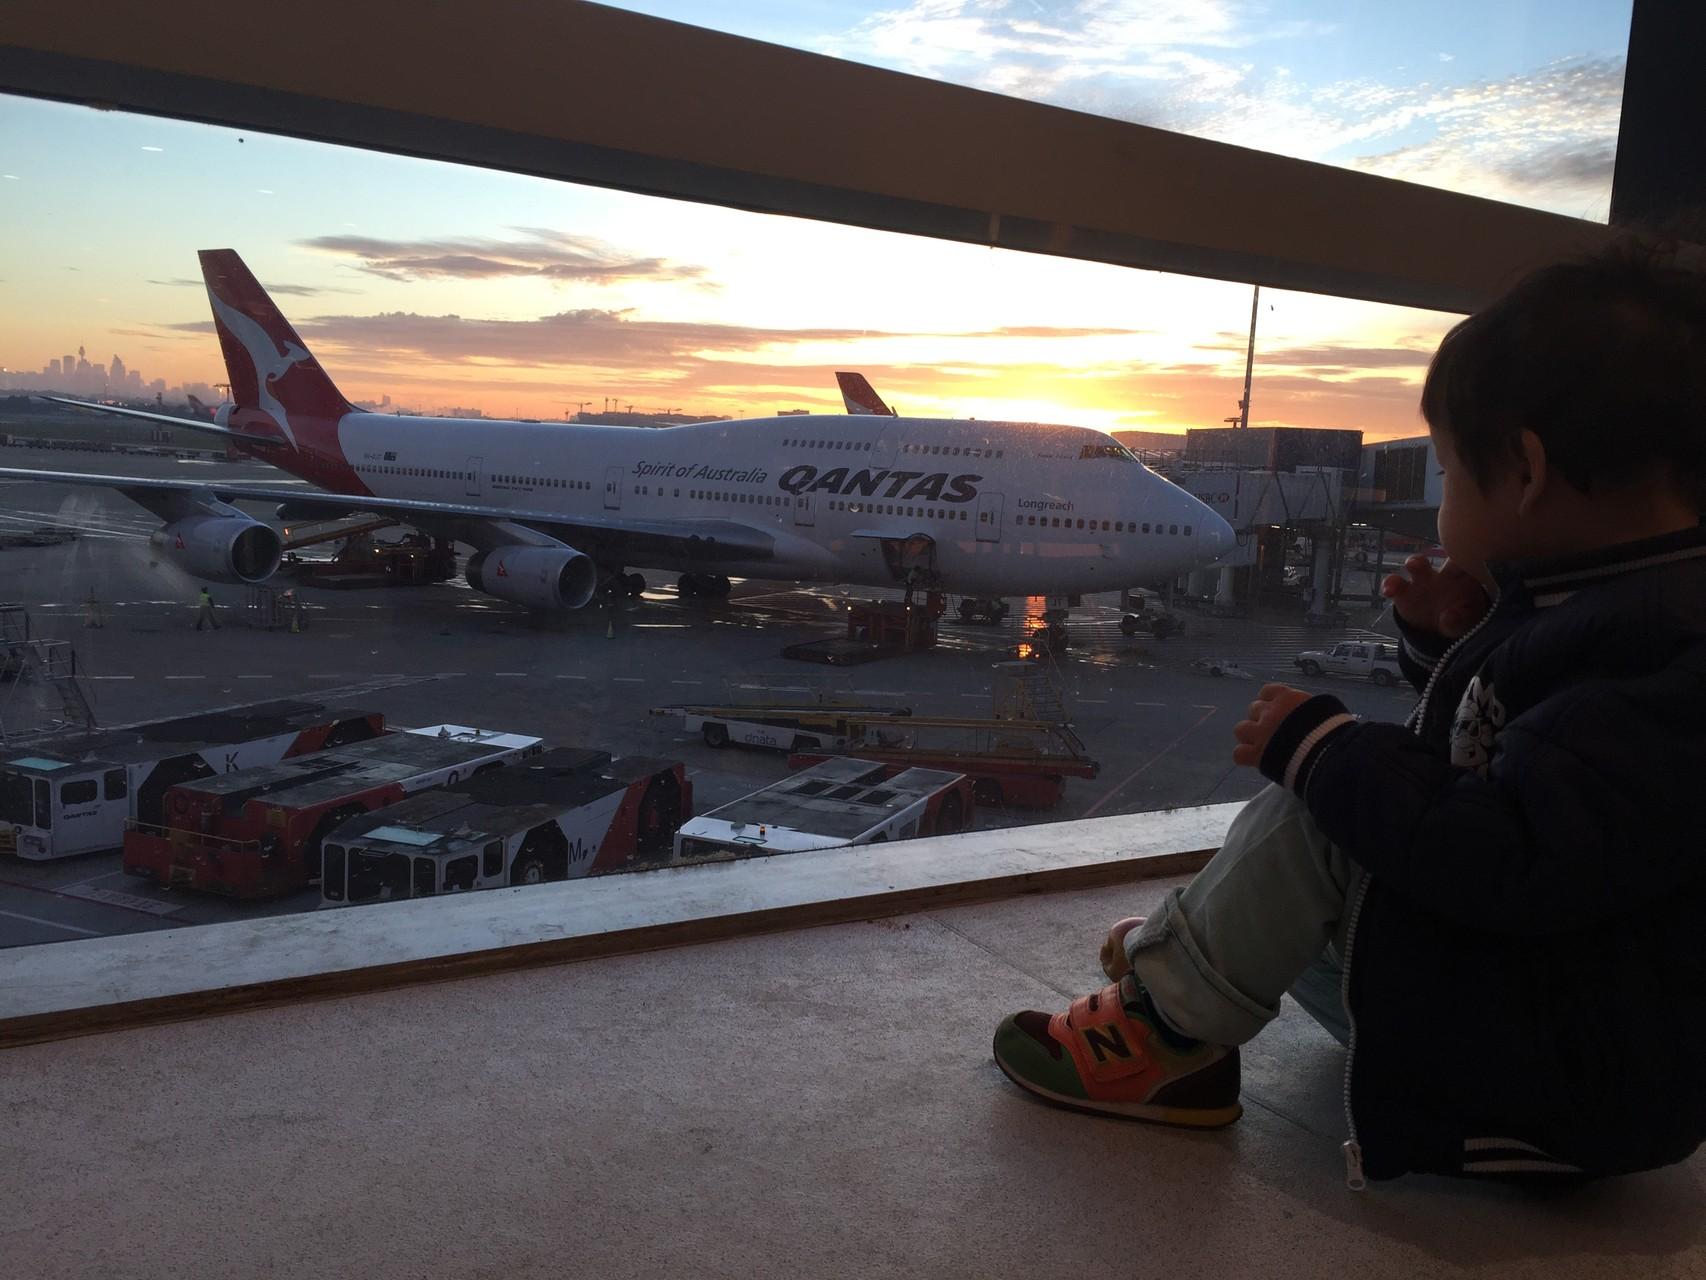 シドニー 空港は子どもの脳をめいっぱい刺激してくれる場所 Coming Soon!